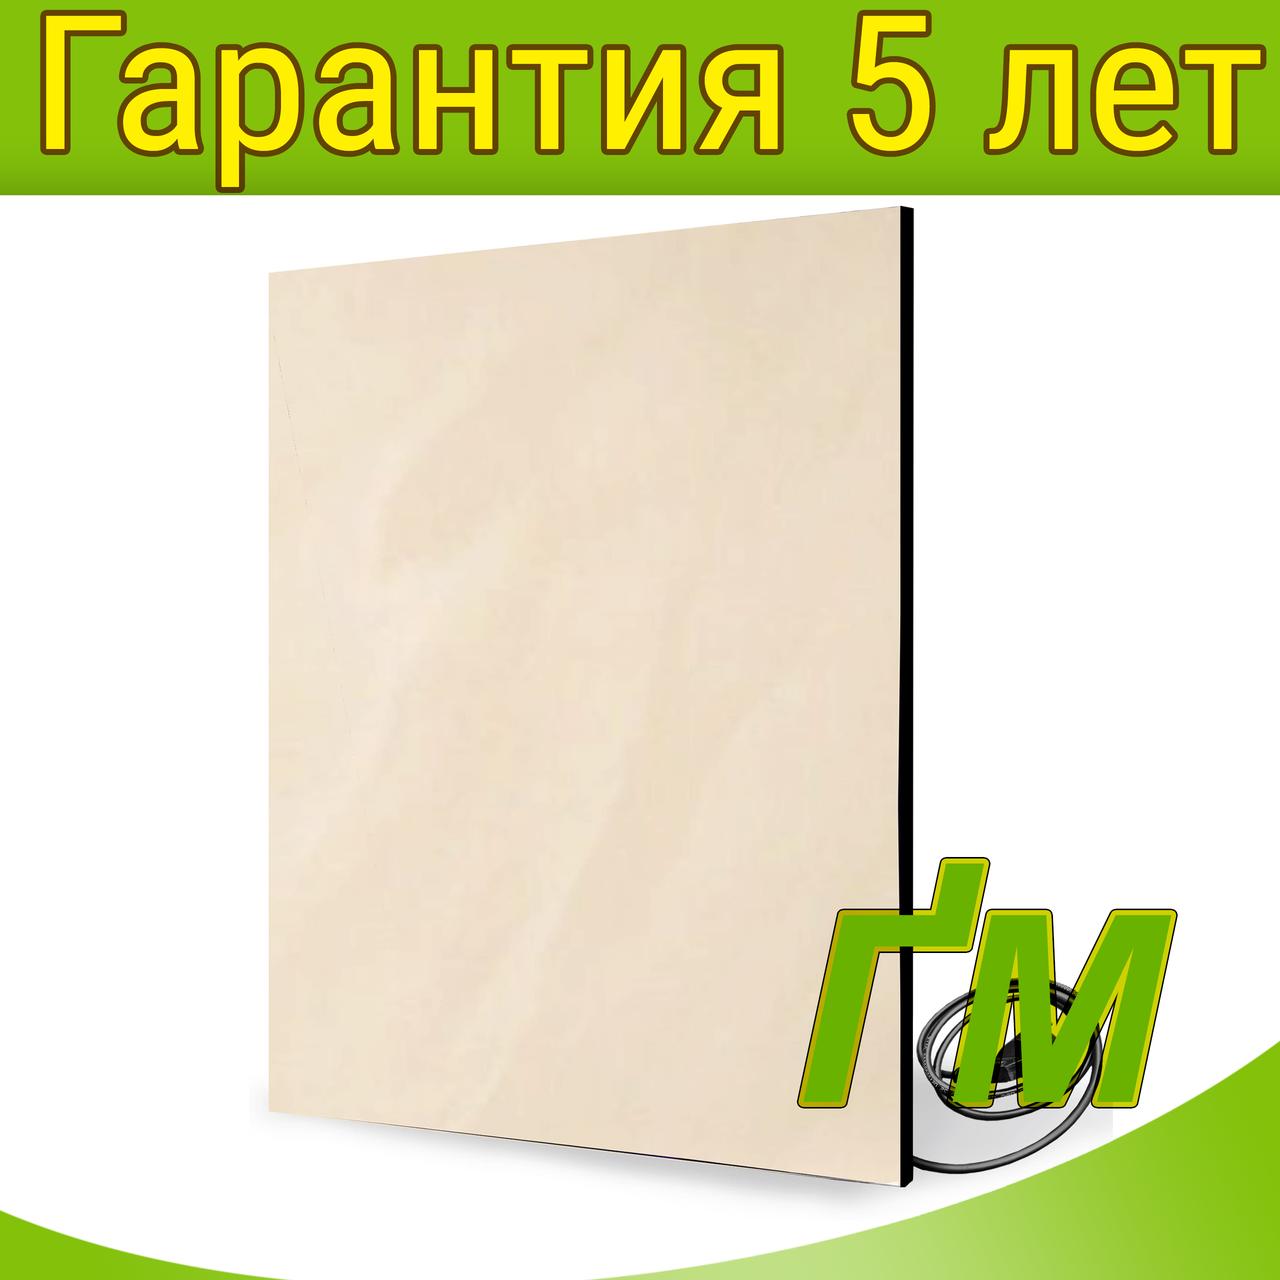 Обогреватель керамический Ceramic 350/220 Standart (Beige)